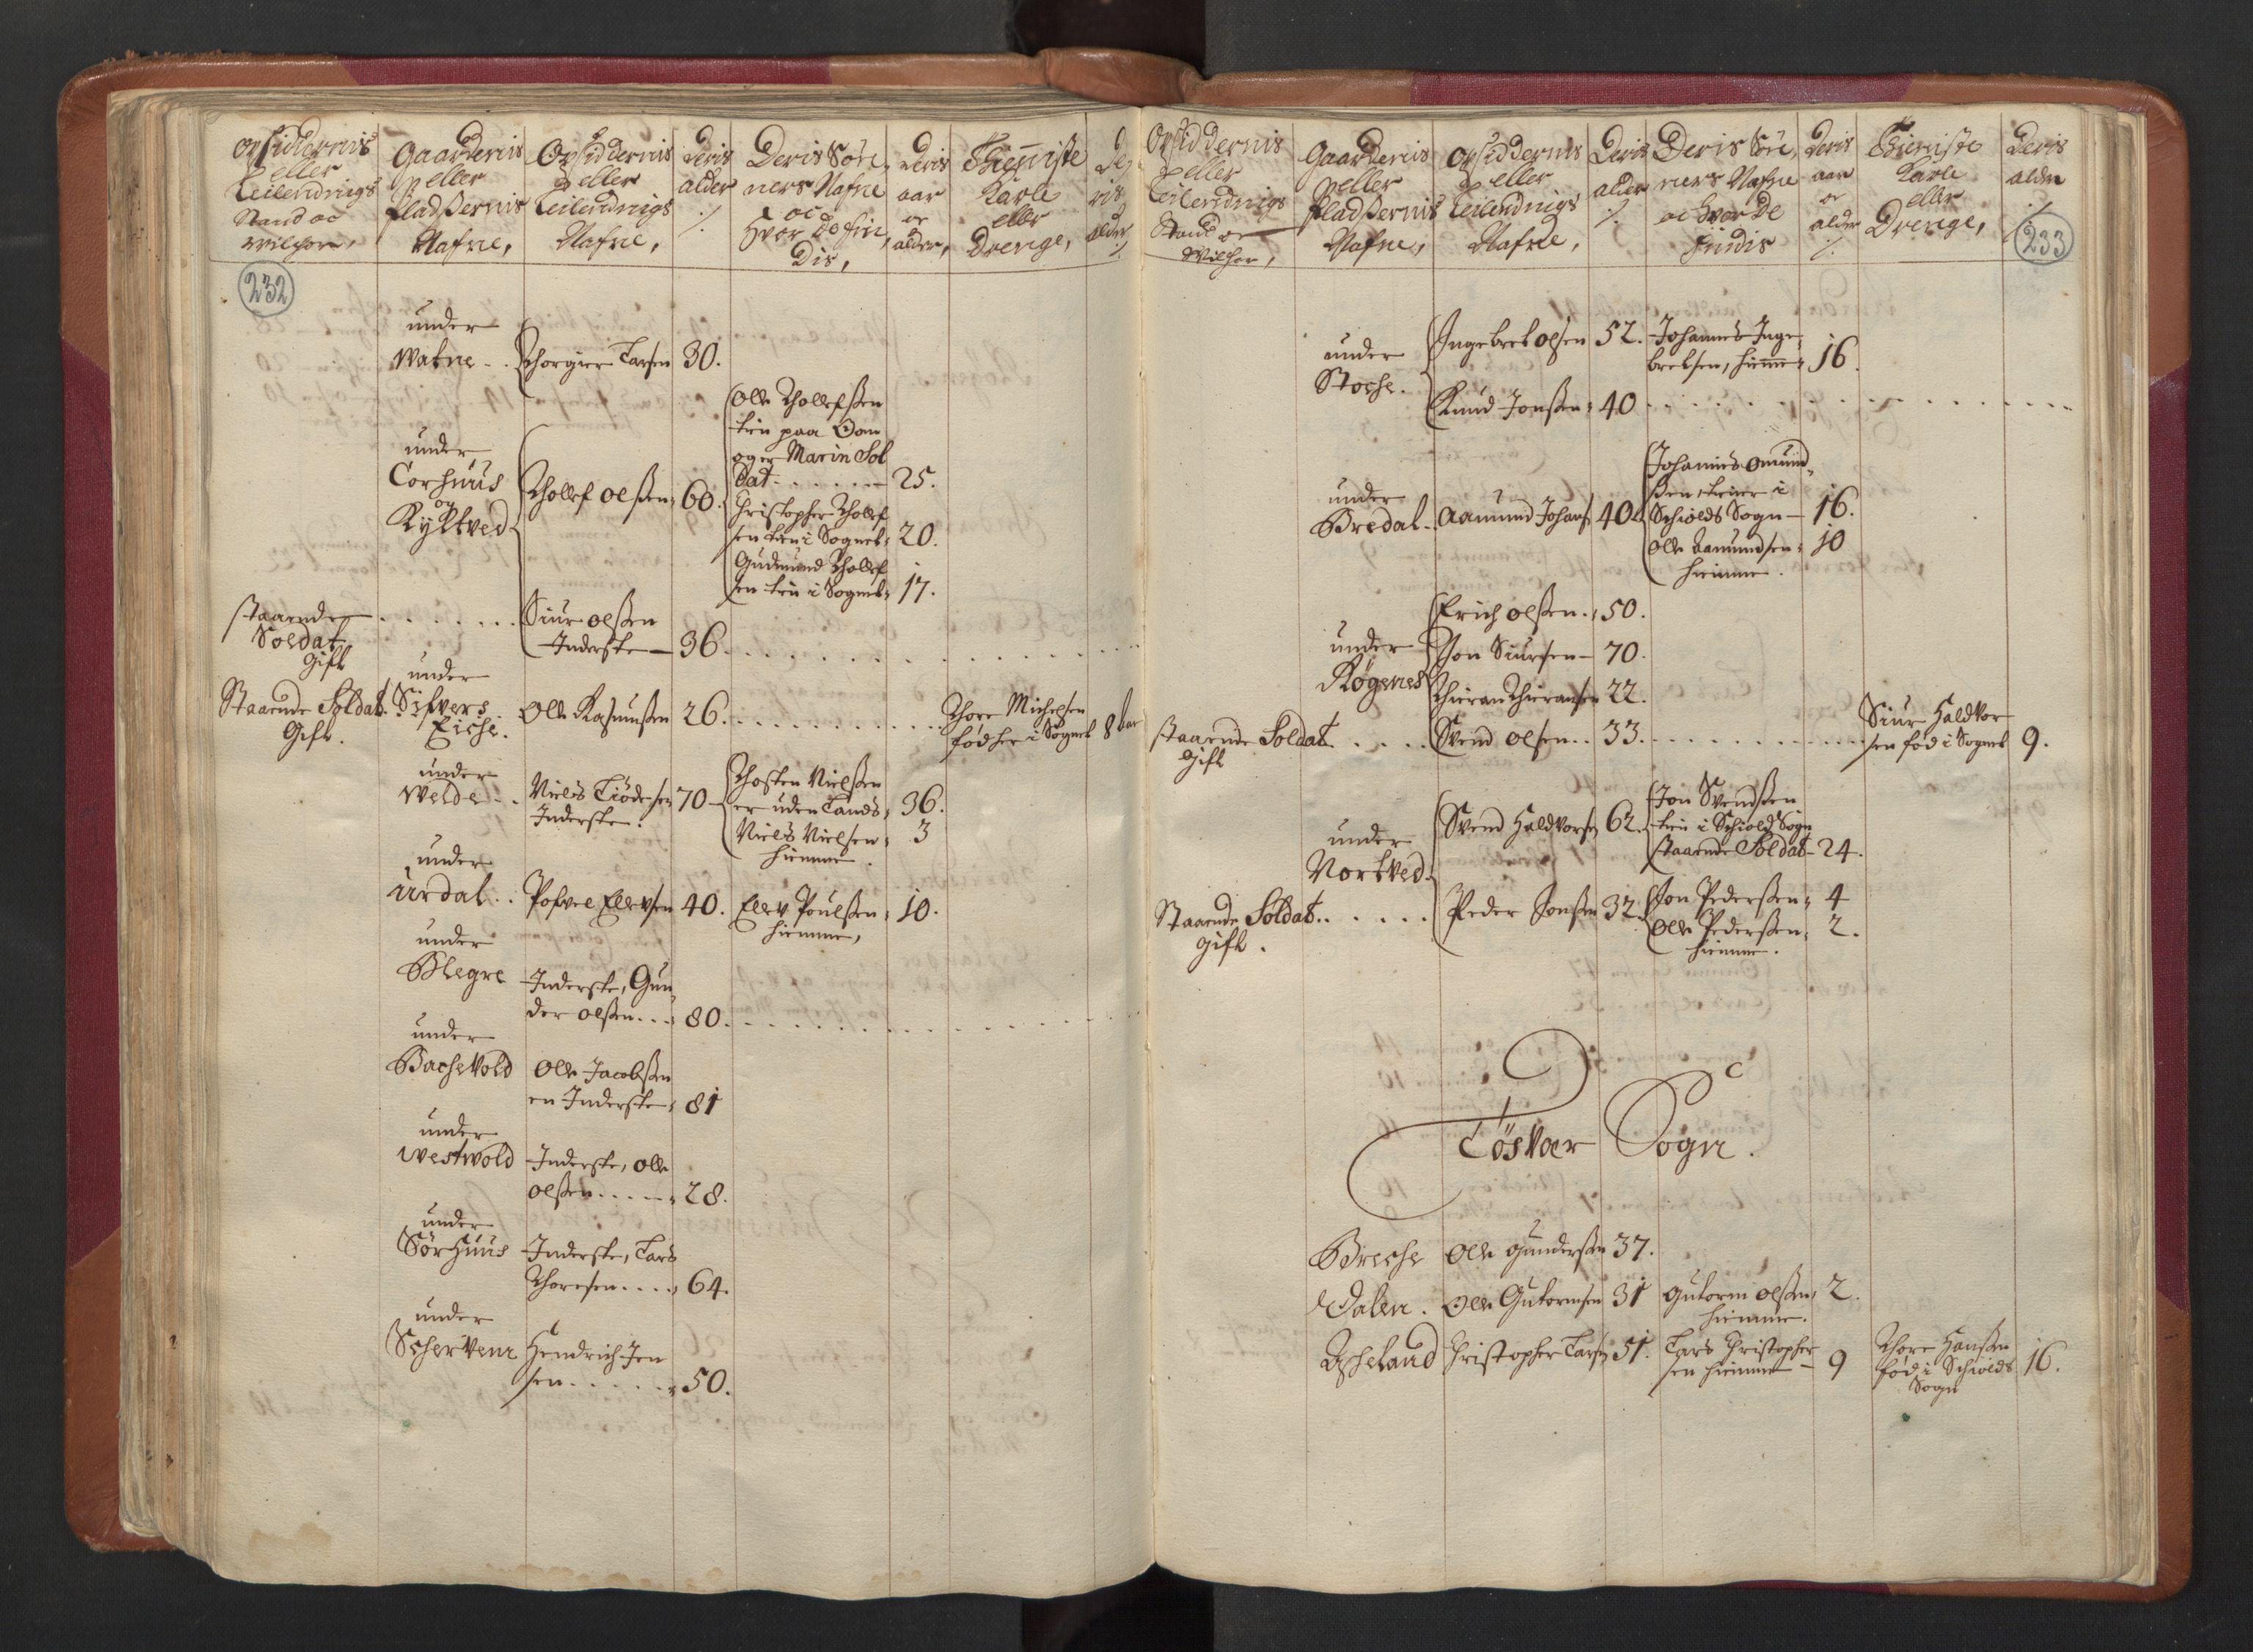 RA, Manntallet 1701, nr. 5: Ryfylke fogderi, 1701, s. 232-233